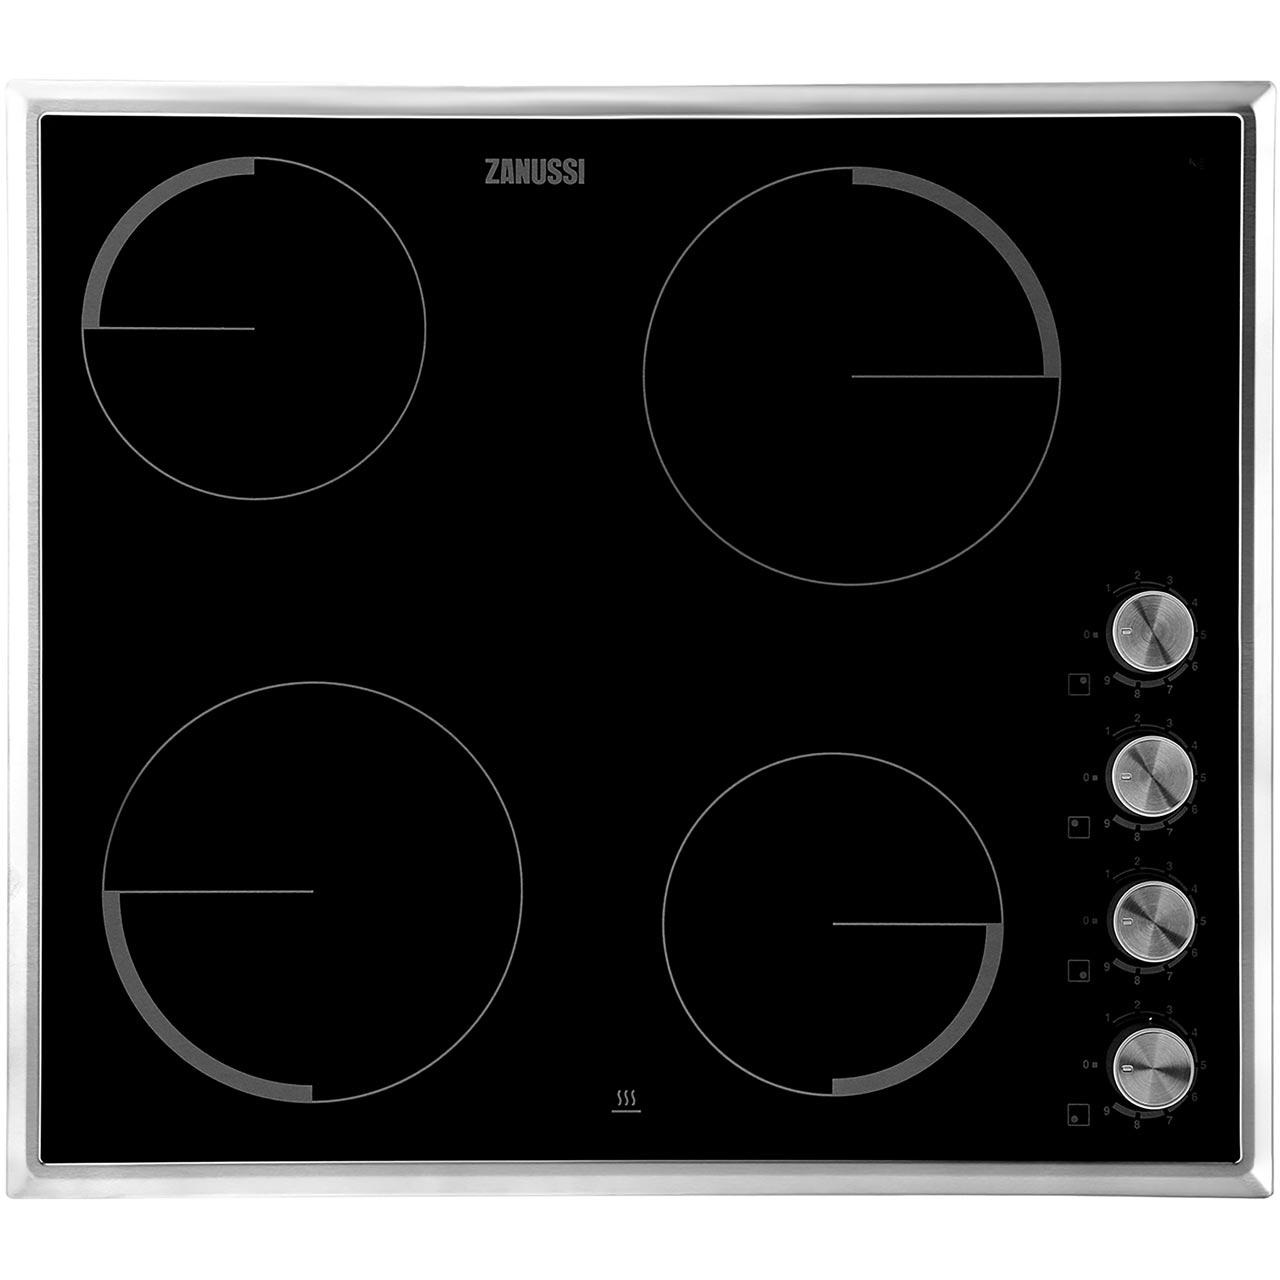 zv614mk bk zanussi induction hob 4 zones ao com rh ao com Ceramic Burner Hob Electric Ceramic Hobs UK